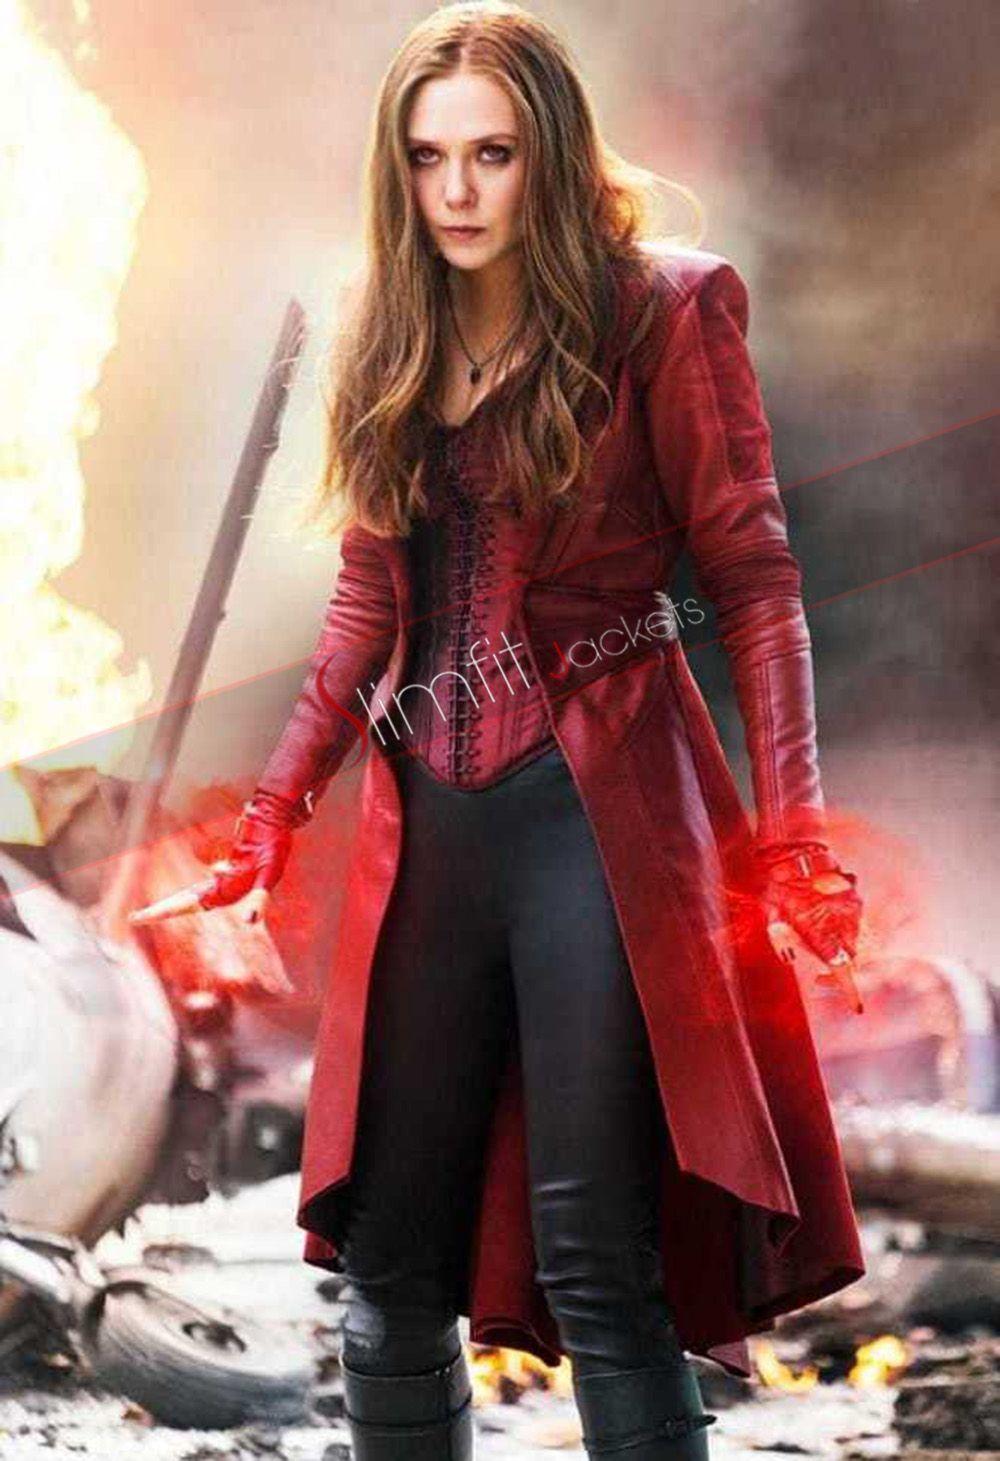 Captain America Civil War Elizabeth Olsen Red Coat Scarlet Witch Marvel Elizabeth Olsen Scarlet Witch Scarlet Witch